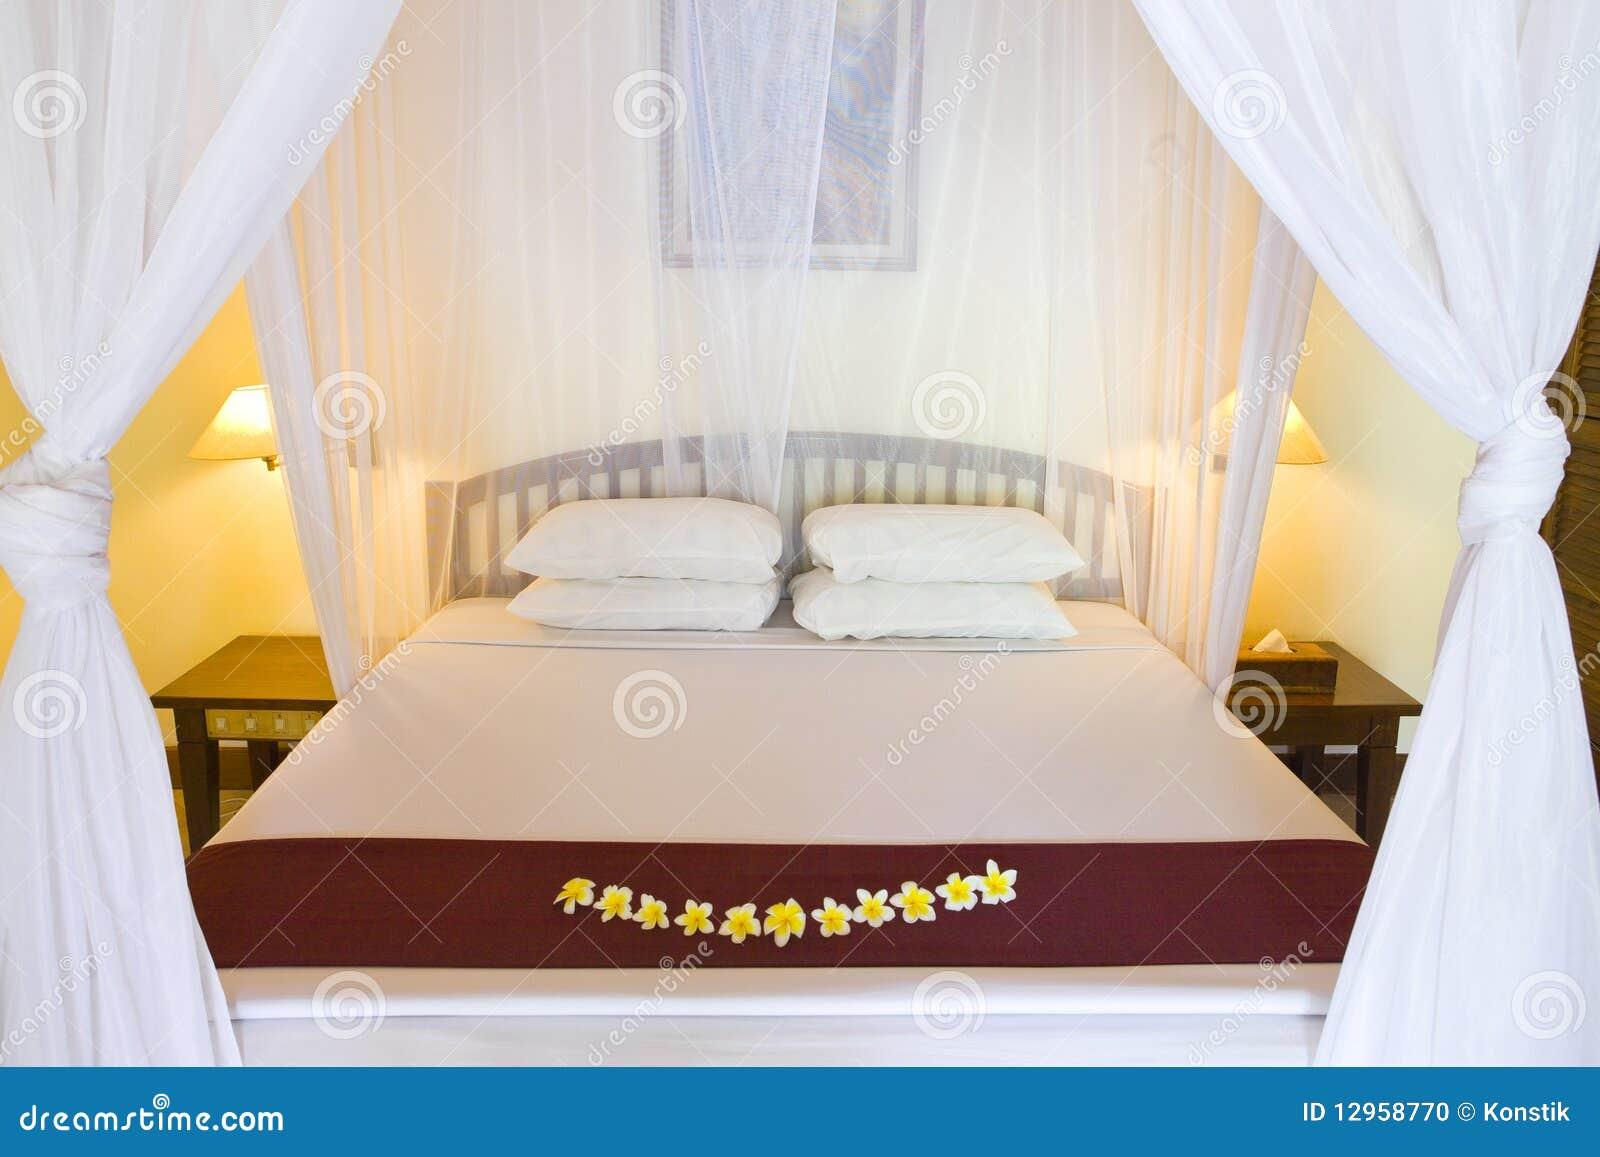 Cama bajo las cortinas de la cama foto de archivo imagen - Cortinas para cama ...